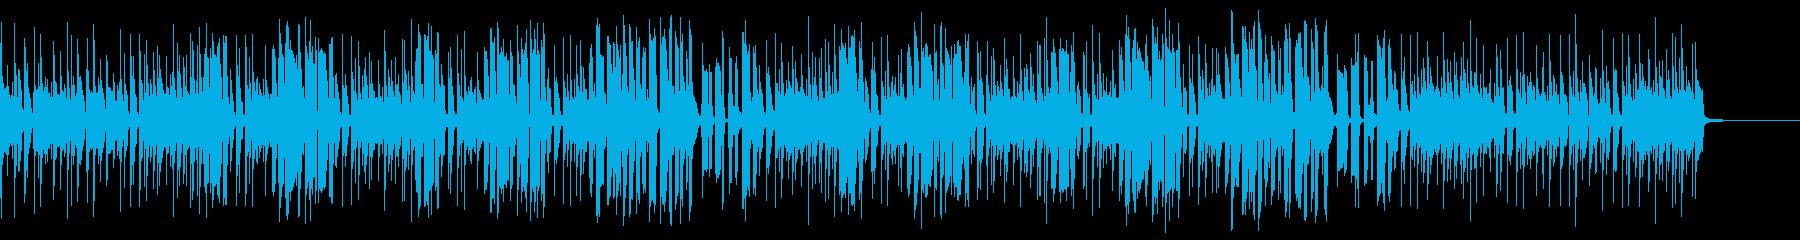 ファンク・渋い・クールの再生済みの波形